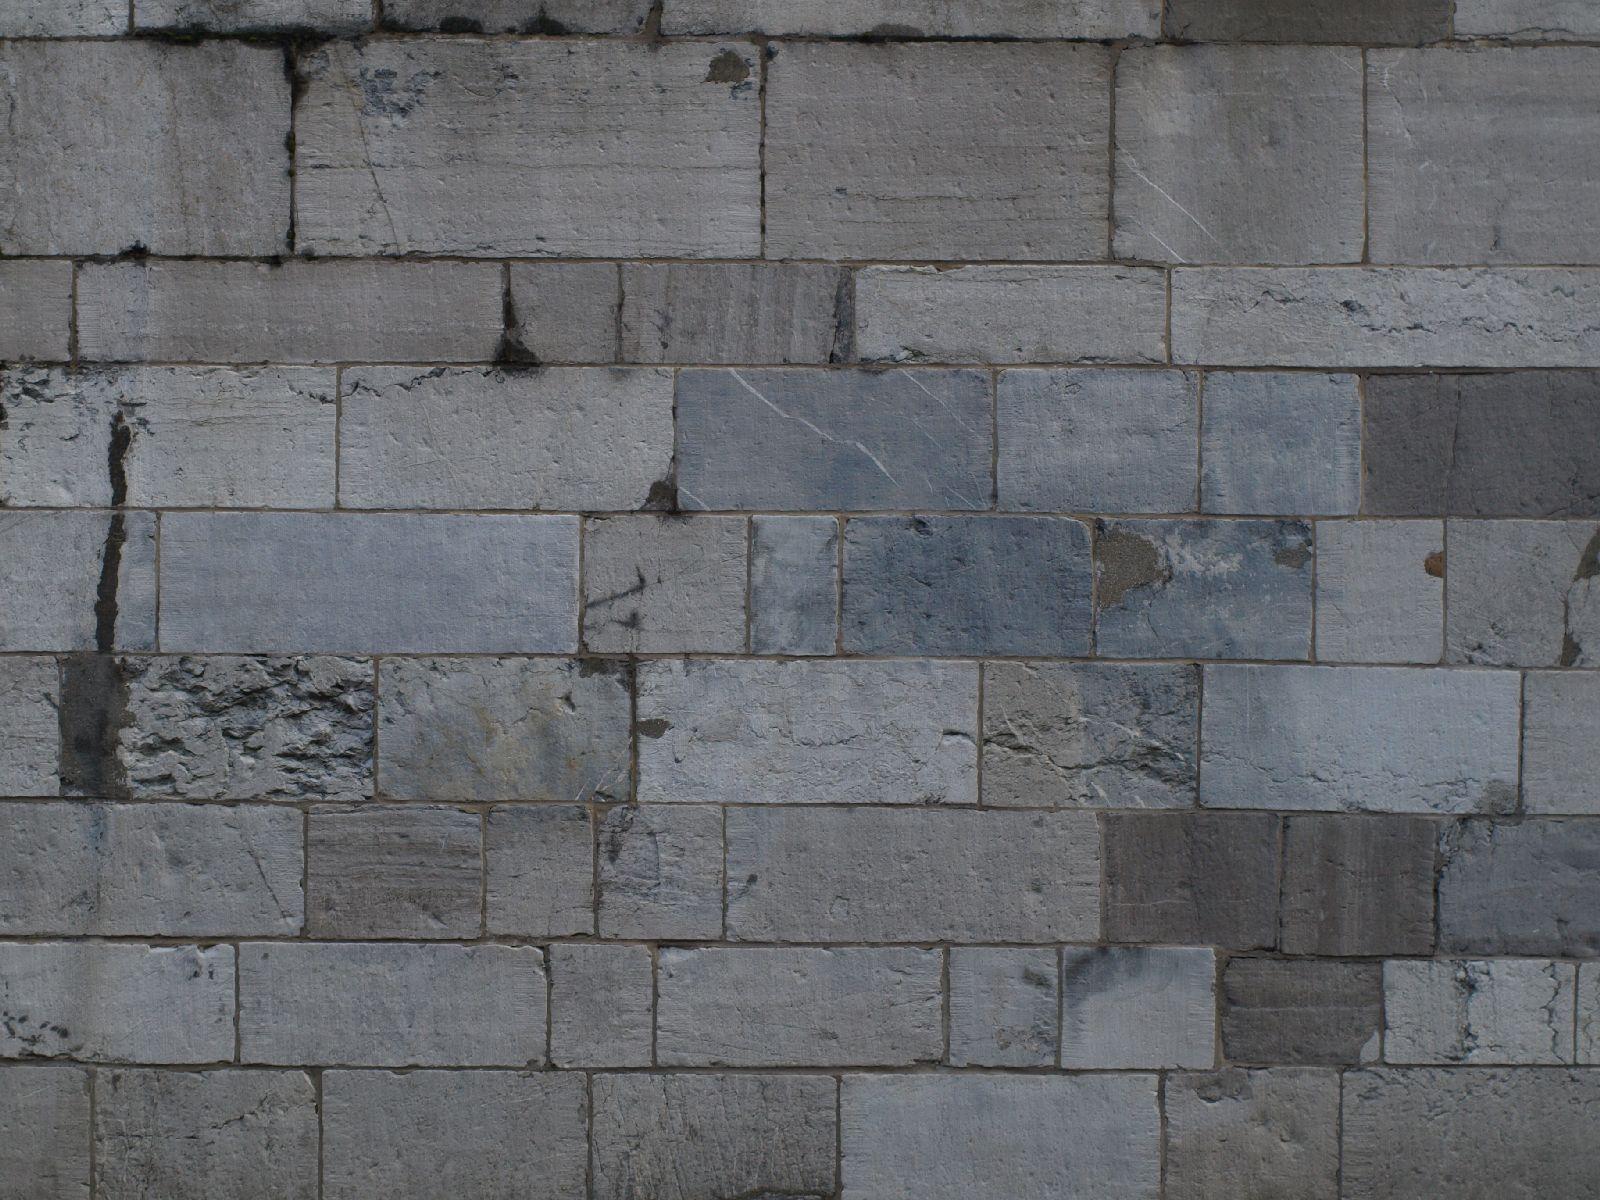 Brick_Texture_A_P1249840